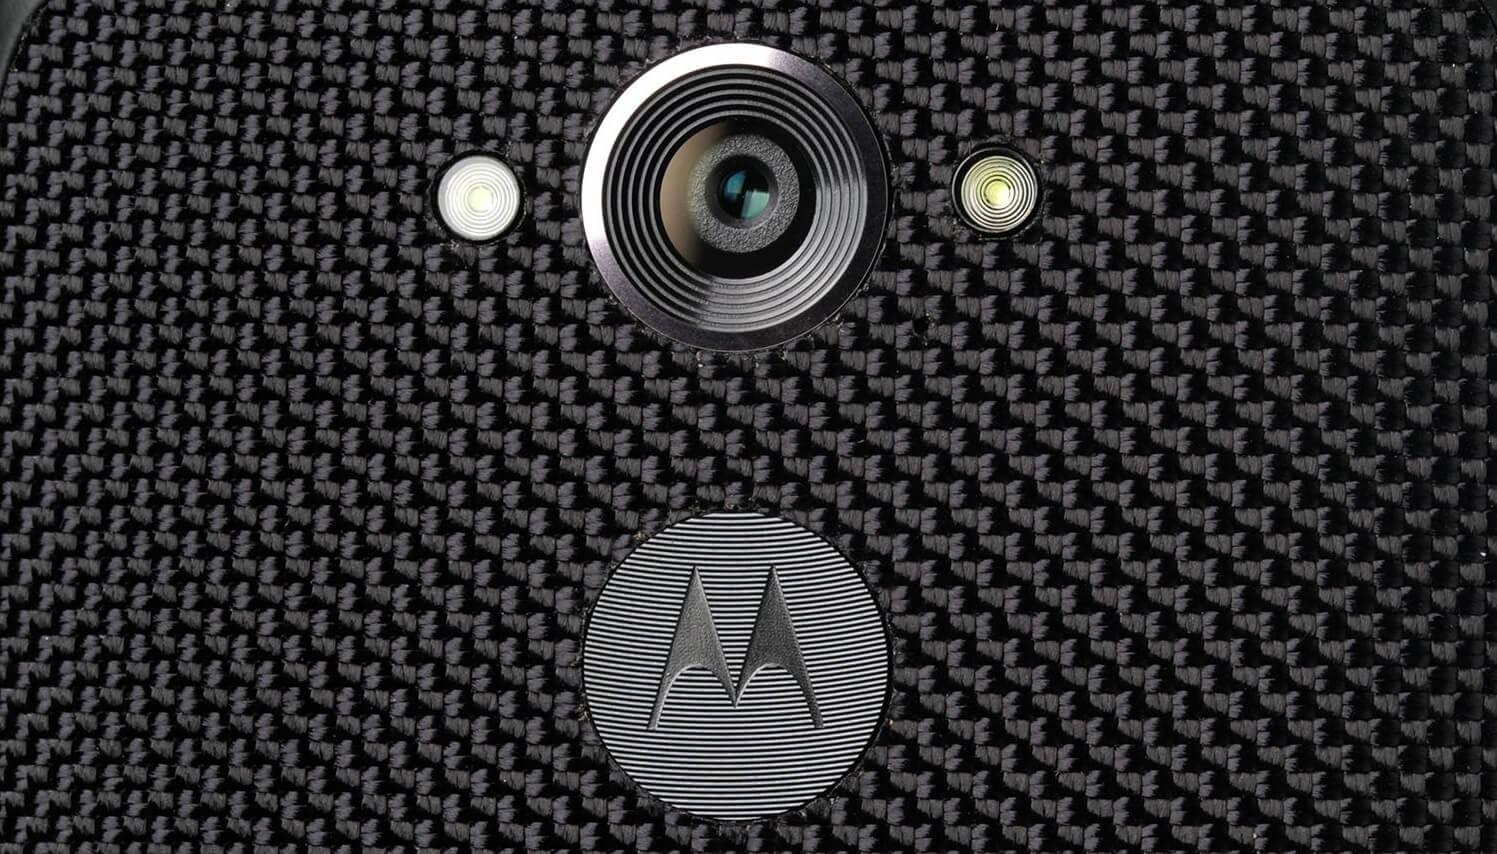 С кем Motorola лучше живётся: Google или Lenovo?